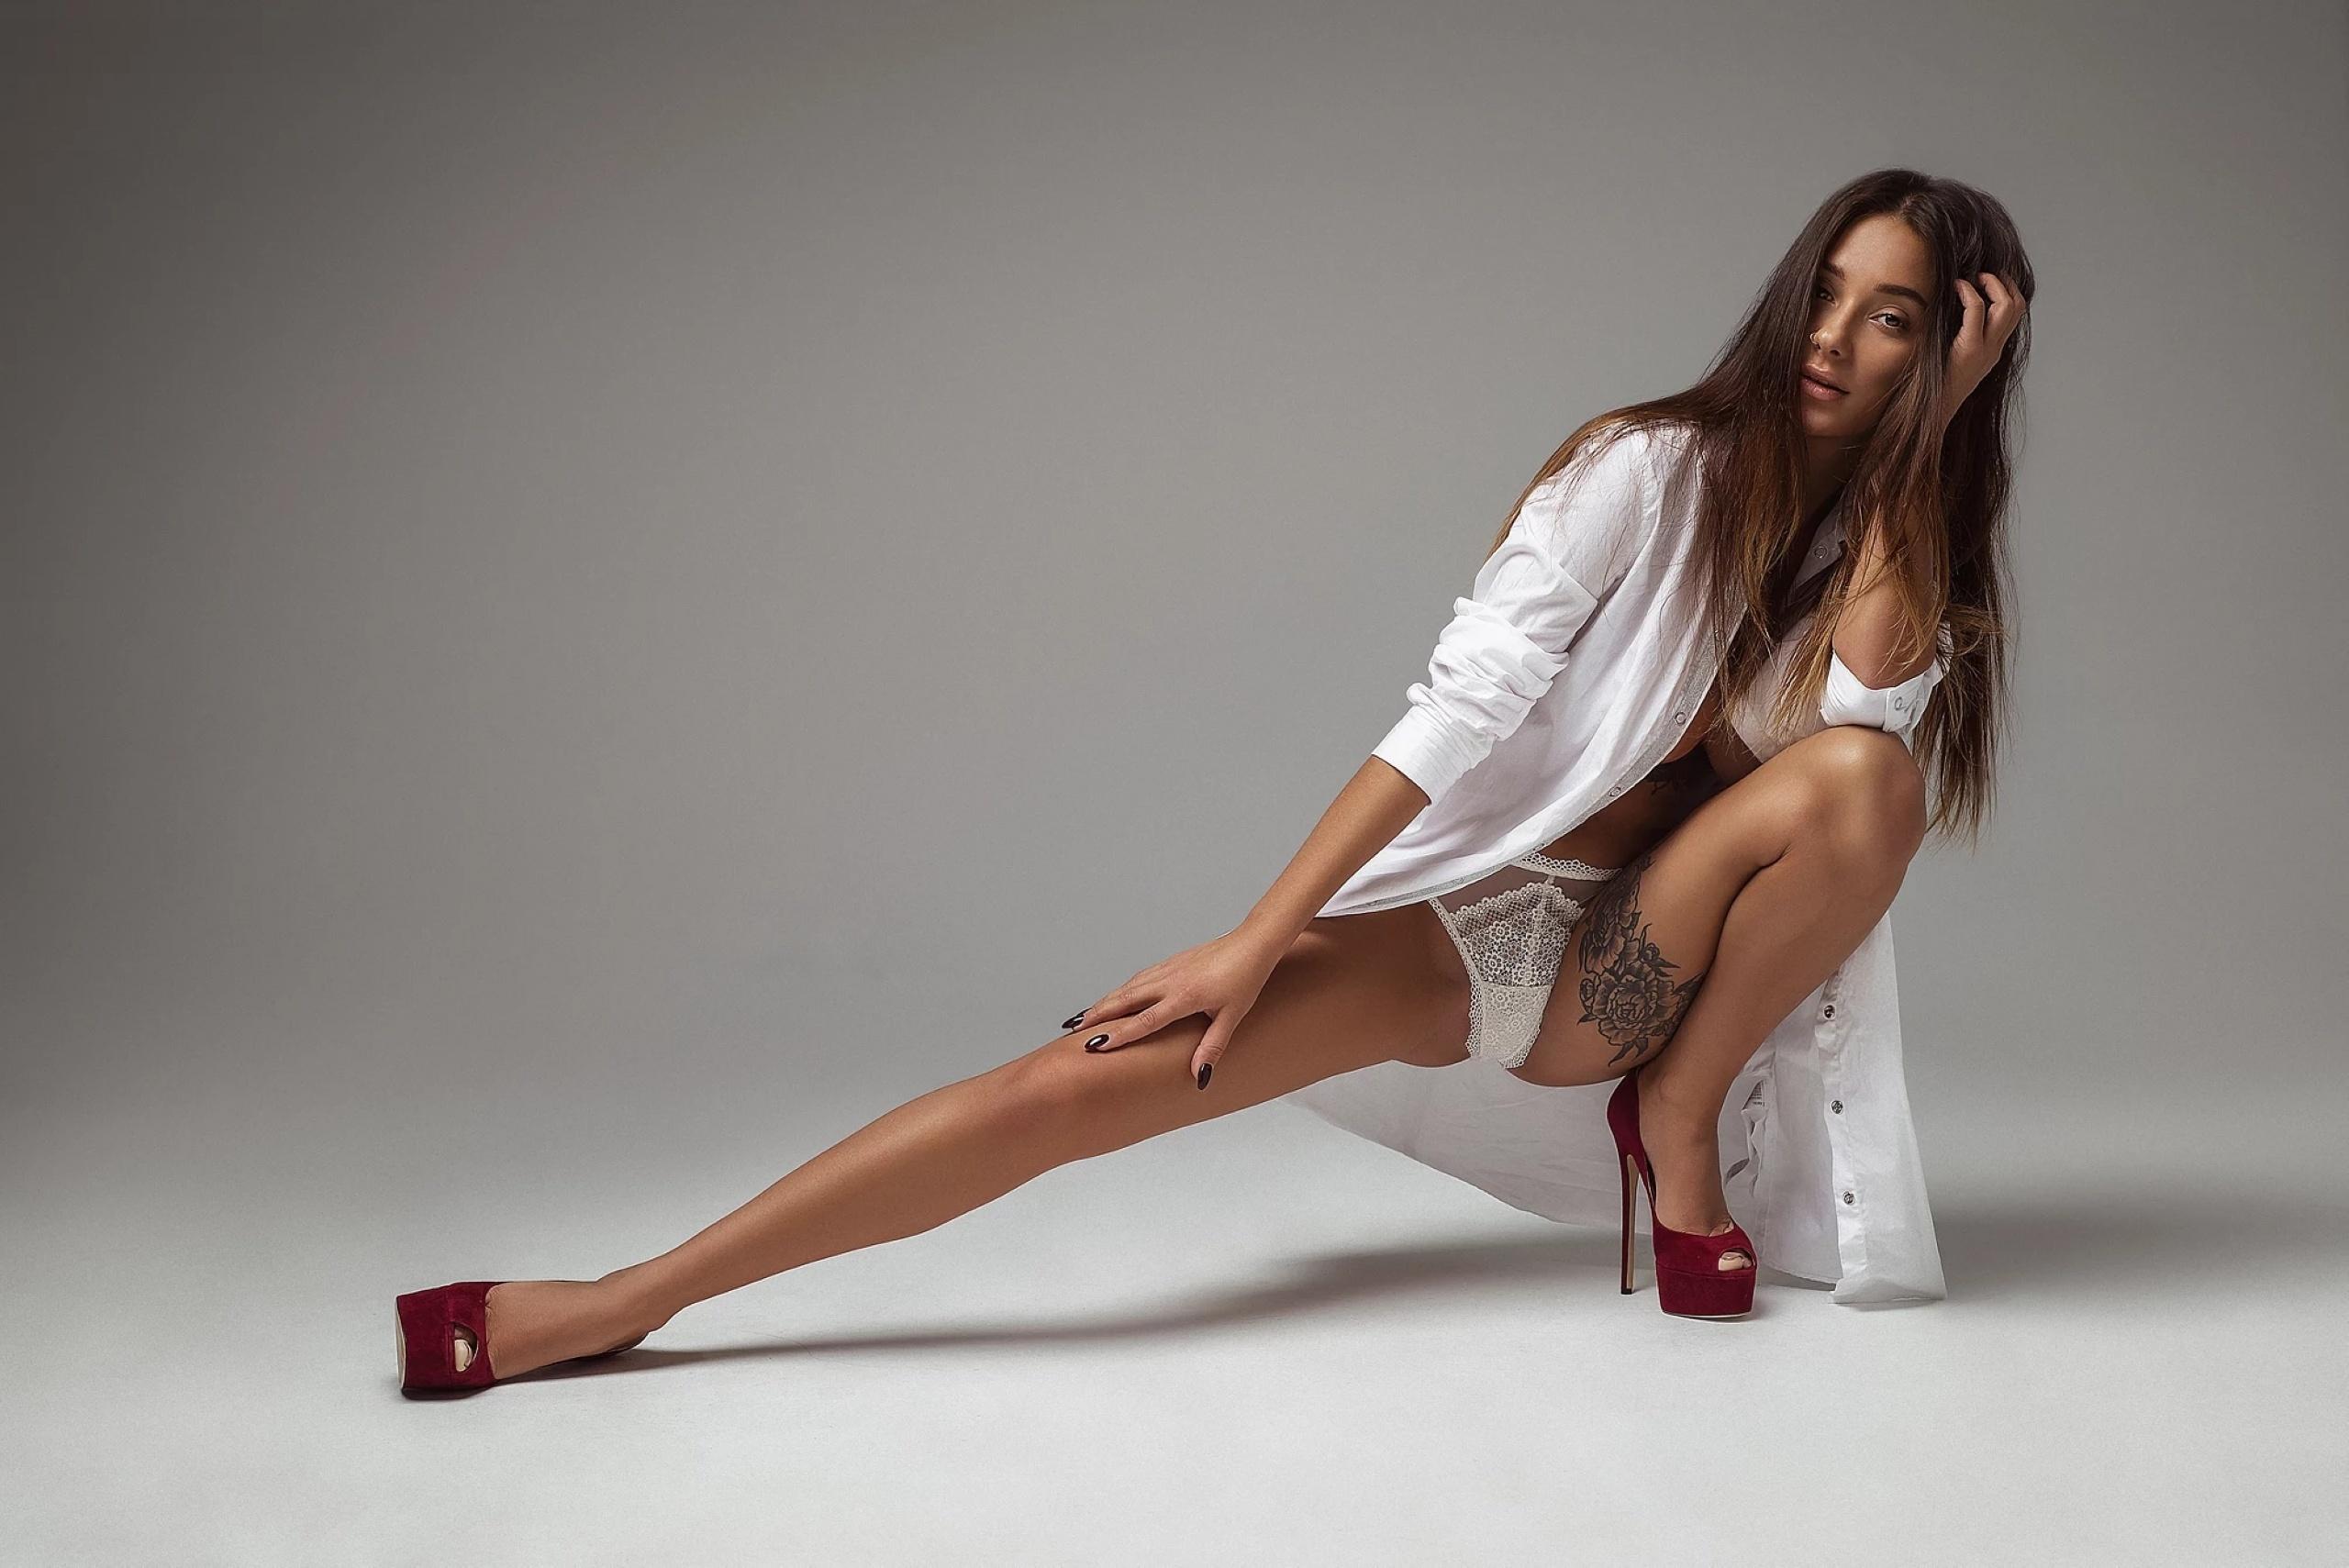 Секси трусики ножки